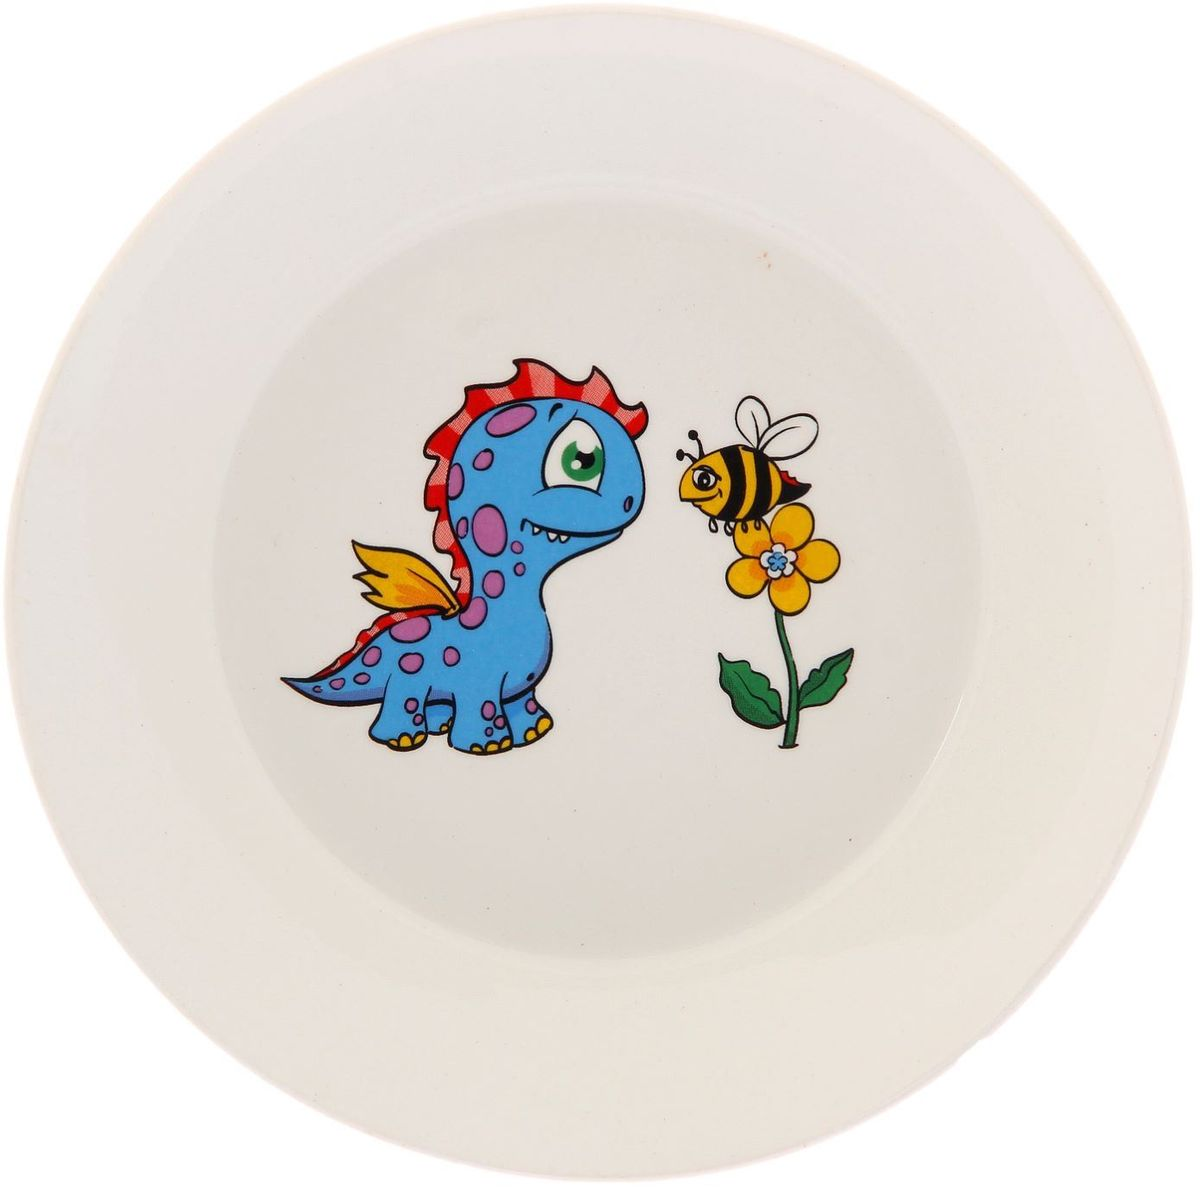 Кубаньфарфор Блюдце Динозаврики2220071Детское блюдце Кубаньфарфор Динозаврики идеально подойдет для кормления малыша и самостоятельногоприема пищи. Глубокое блюдце выполнена из фаянса, его высокие бортики обеспечат удобство кормления ипредотвратят случайное проливание жидкой пищи.Яркое блюдца с красочным рисунком на дне непременно порадует малыша и сделает любой прием пищи приятным ивеселым. Блюдце можно использовать в СВЧ-печах и мыть в посудомоечных машинах.